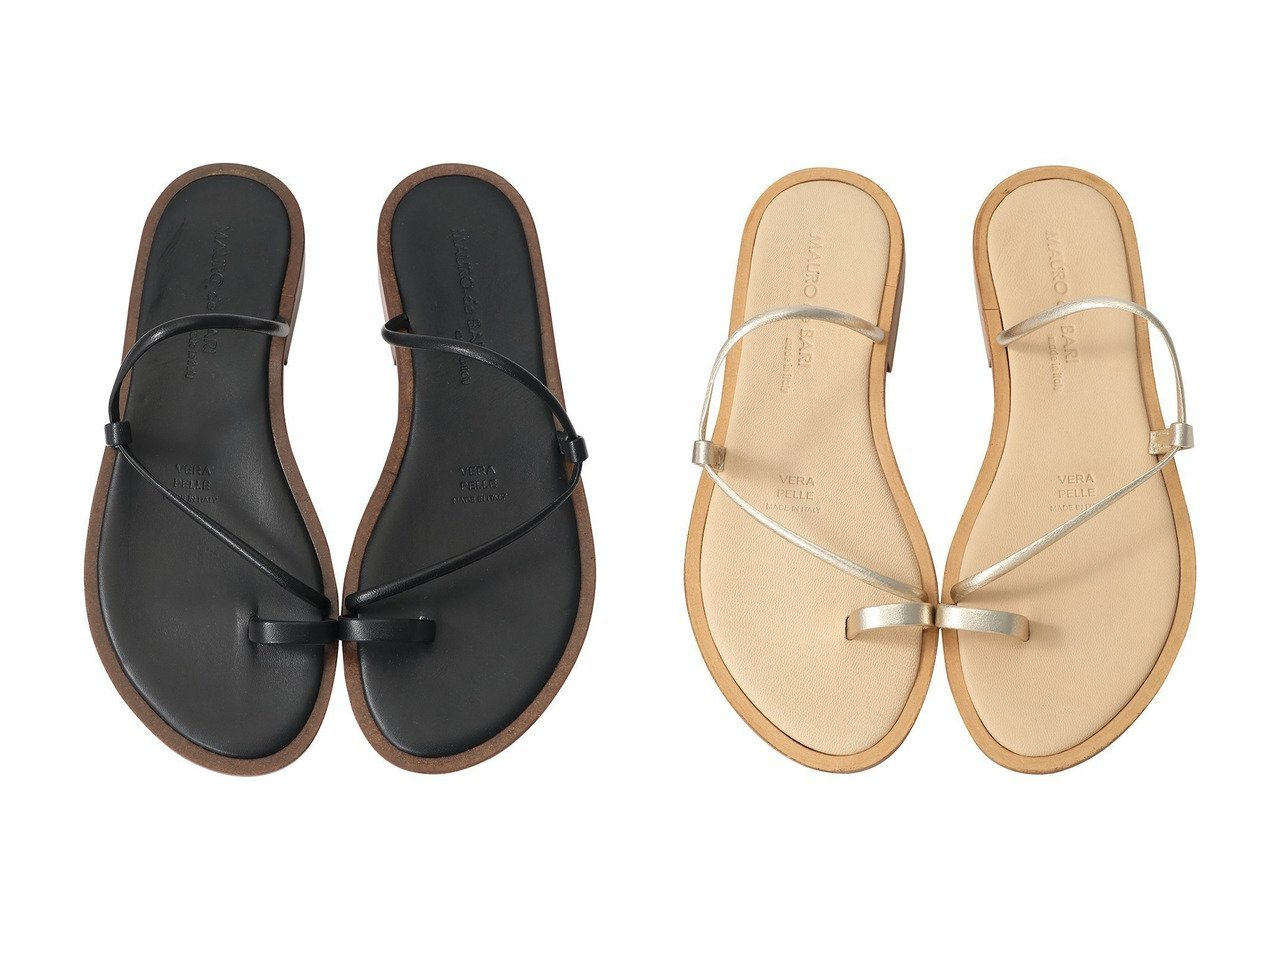 【martinique/マルティニーク】の【MAURO de BARI】サンダル 【シューズ・靴】おすすめ!人気トレンド・レディースファッション通販 おすすめで人気の流行・トレンド、ファッションの通販商品 インテリア・家具・メンズファッション・キッズファッション・レディースファッション・服の通販 founy(ファニー) https://founy.com/ ファッション Fashion レディースファッション WOMEN S/S・春夏 SS・Spring/Summer サンダル シンプル デニム マキシ ラップ リゾート 夏 Summer 春 Spring |ID:crp329100000046872